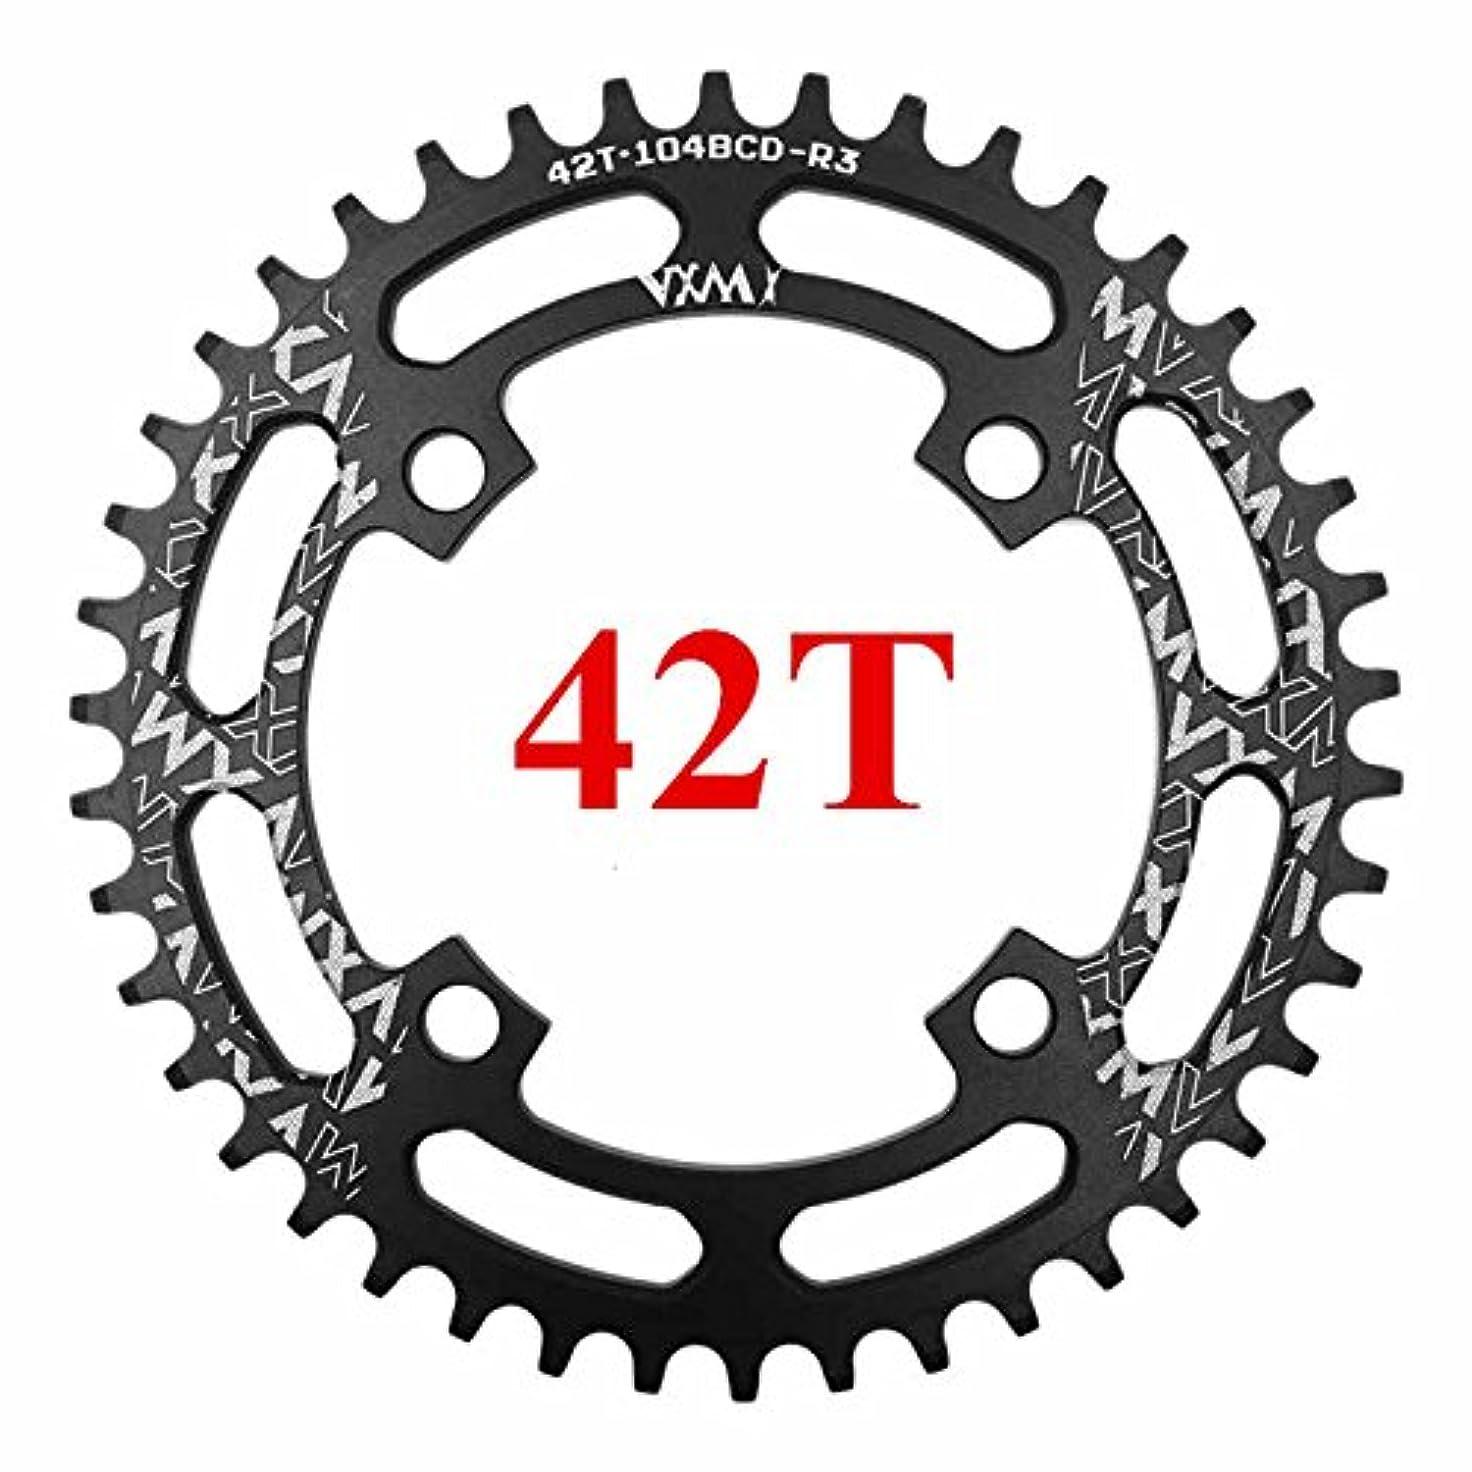 酸度グレートバリアリーフ骨Propenary - 自転車104BCDクランクオーバルラウンド30T 32T 34T 36T 38T 40T 42T 44T 46T 48T 50T 52TチェーンホイールXT狭い広い自転車チェーンリング[ラウンド42Tブラック]